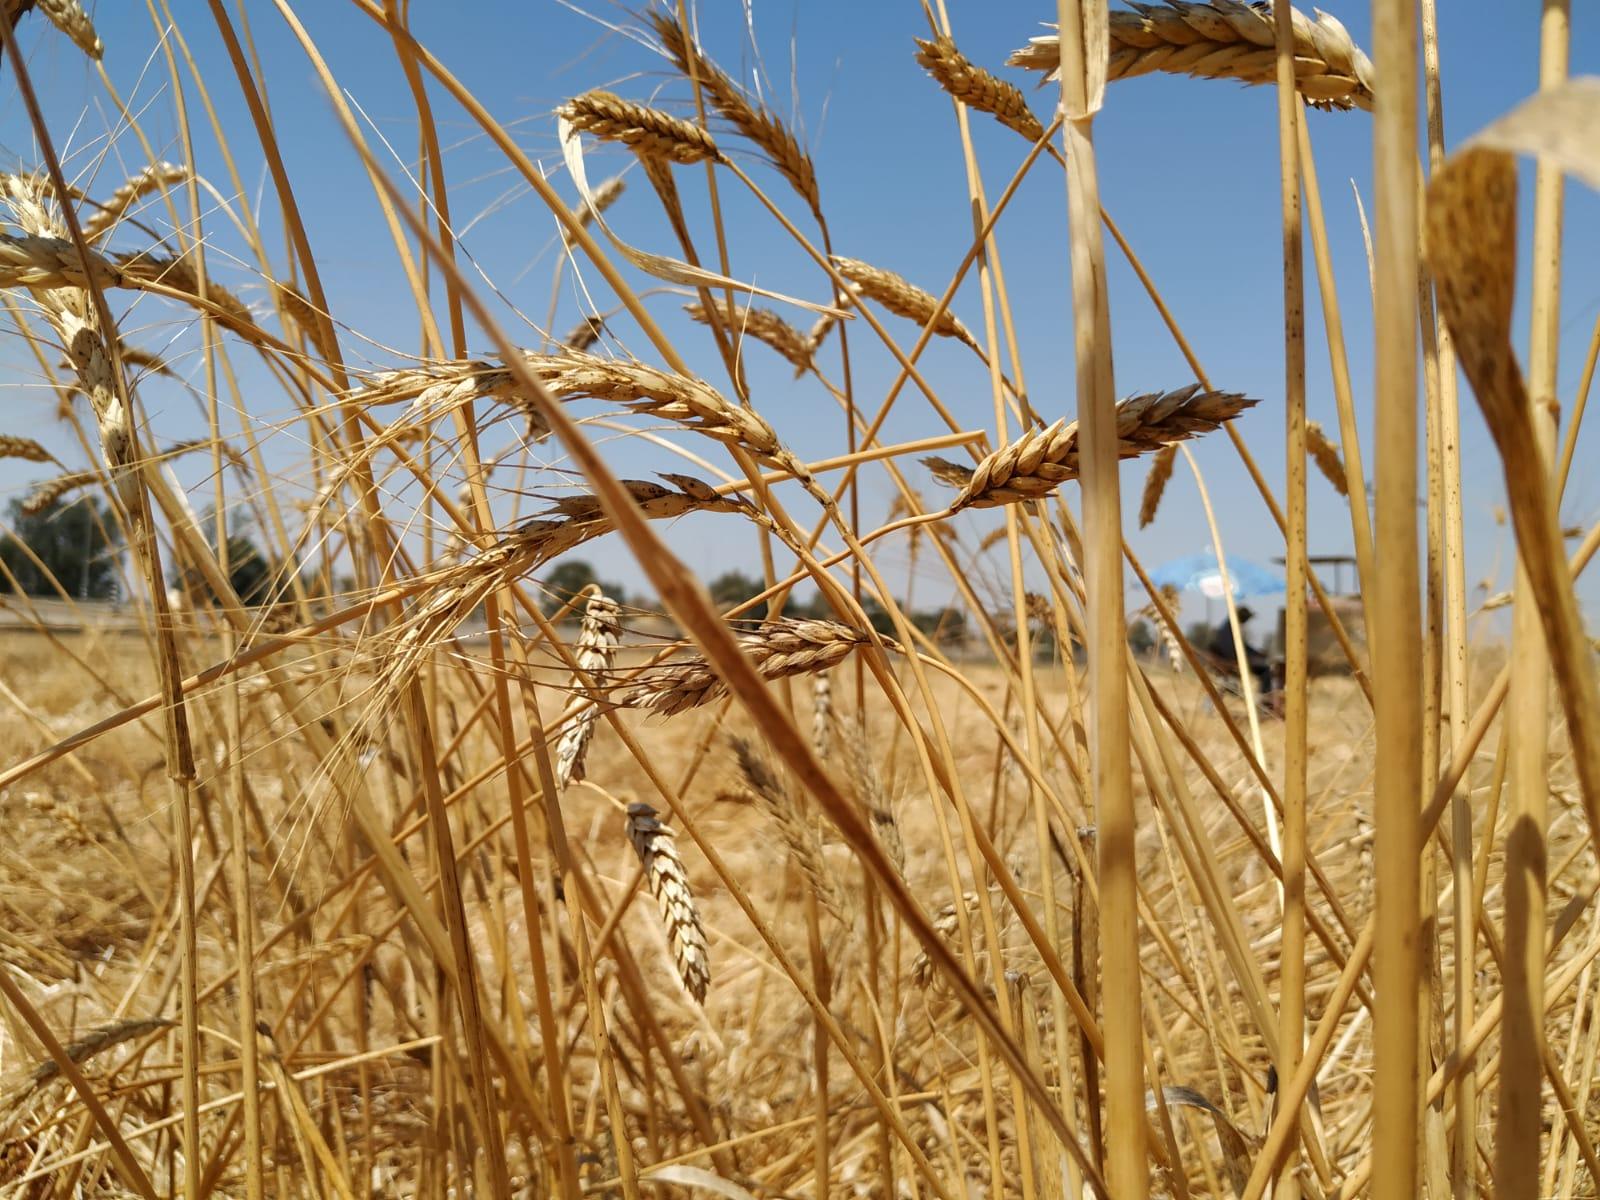 os italianos y turcos comen pasta elaborada con trigo cristalino de Sonora